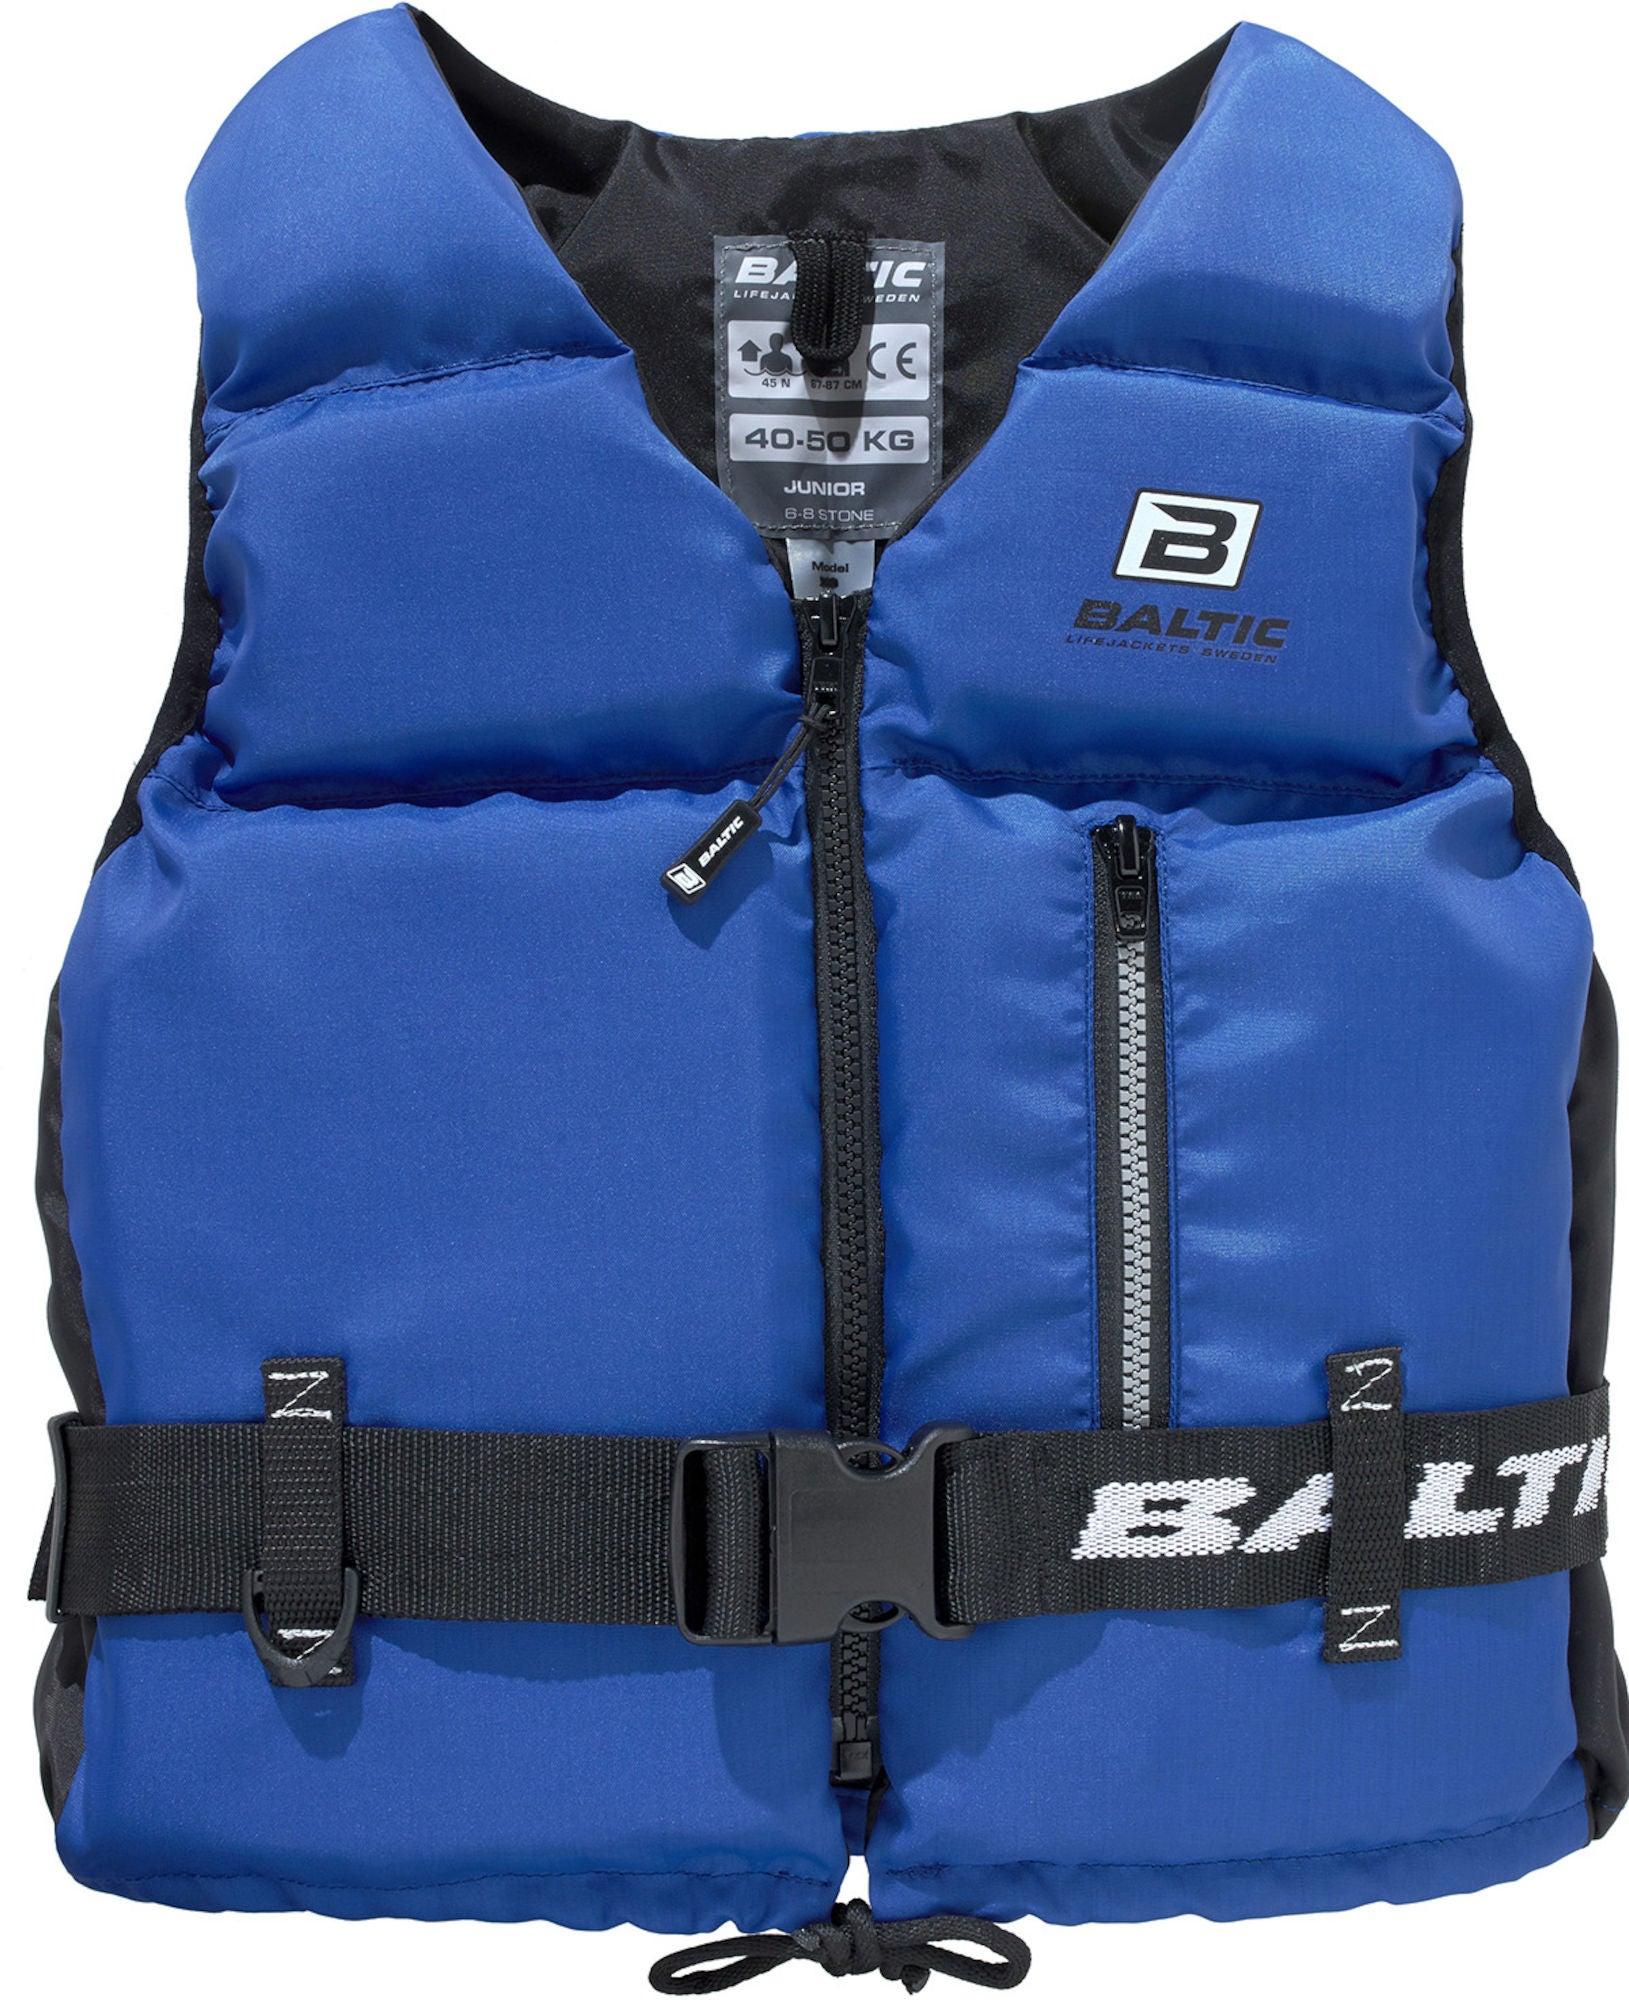 Baltic Flytväst Mistral 25-40 kg, Blå